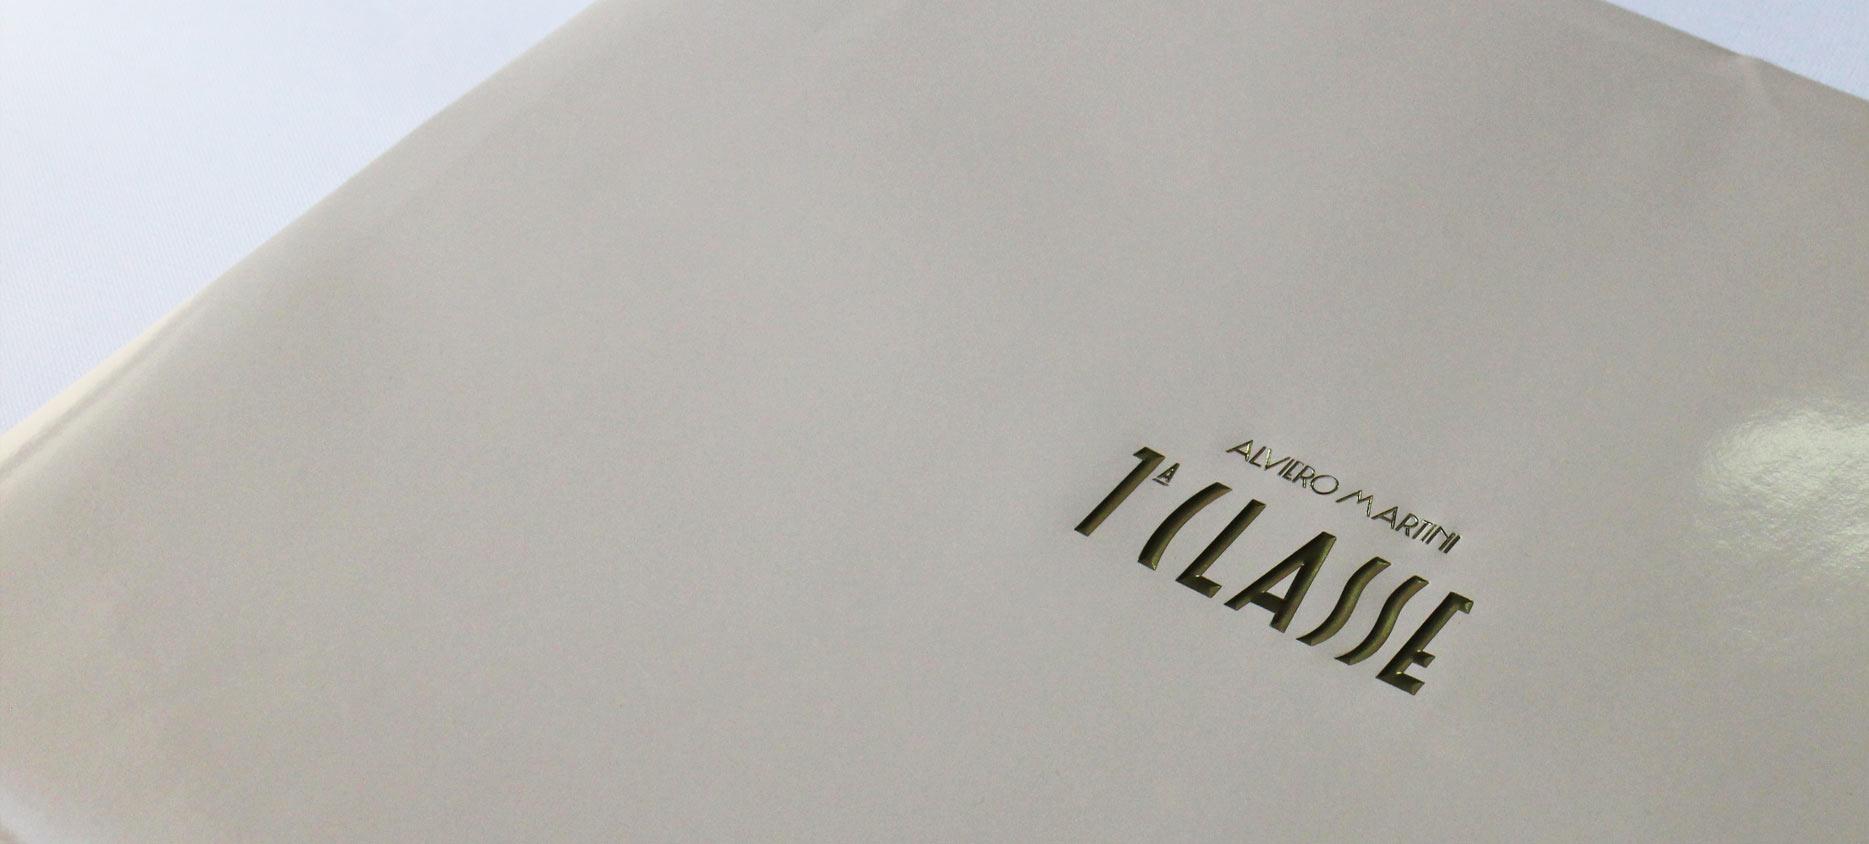 Scatole fasciate supergrafica tipografia